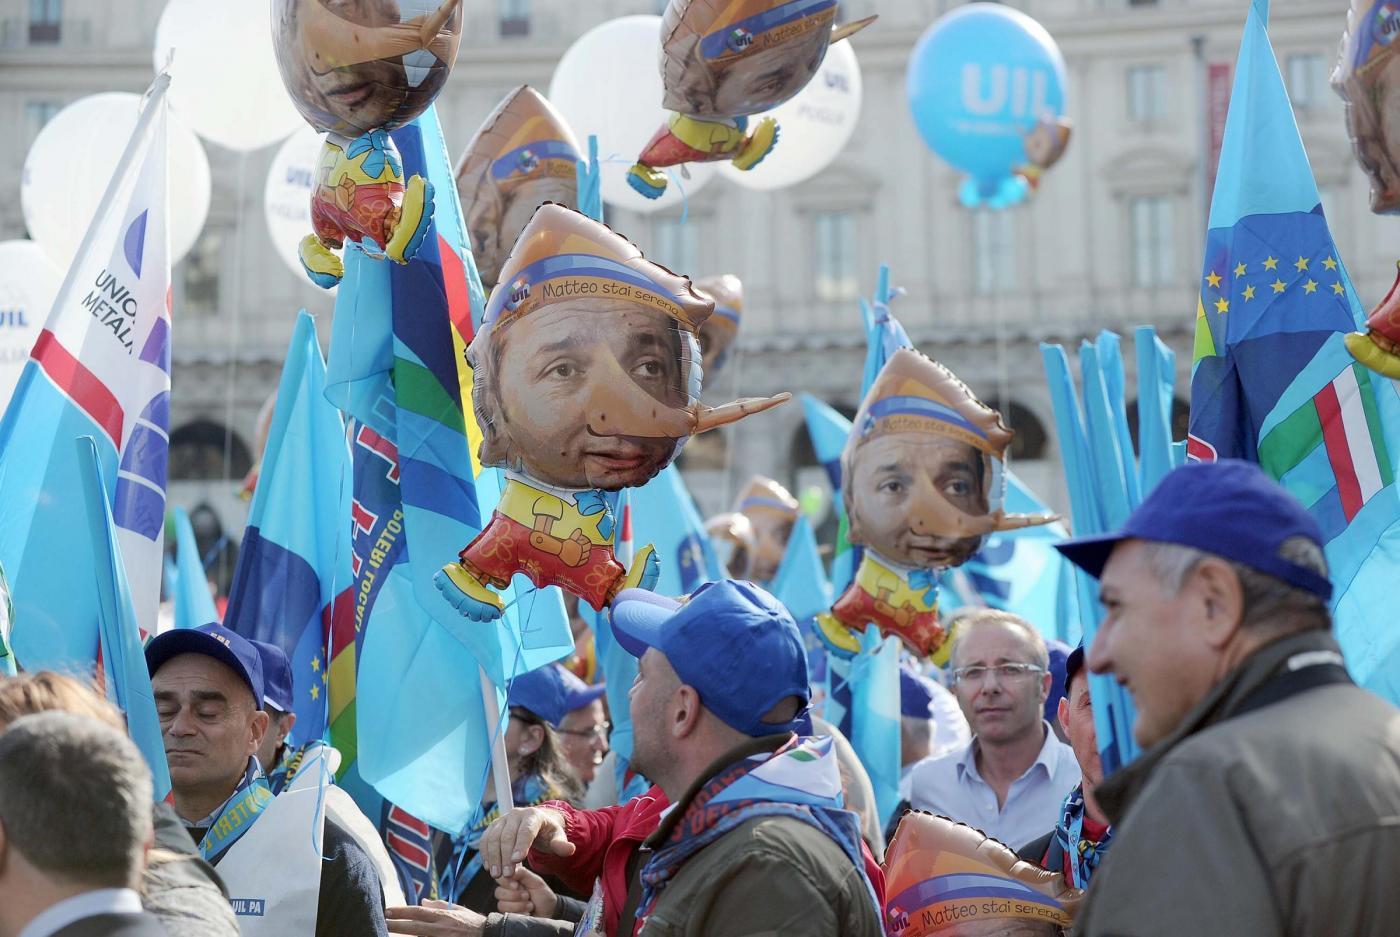 Protesta degli Statali a Roma, Camusso: 'Pronti allo sciopero. Basta promesse da dilettanti'